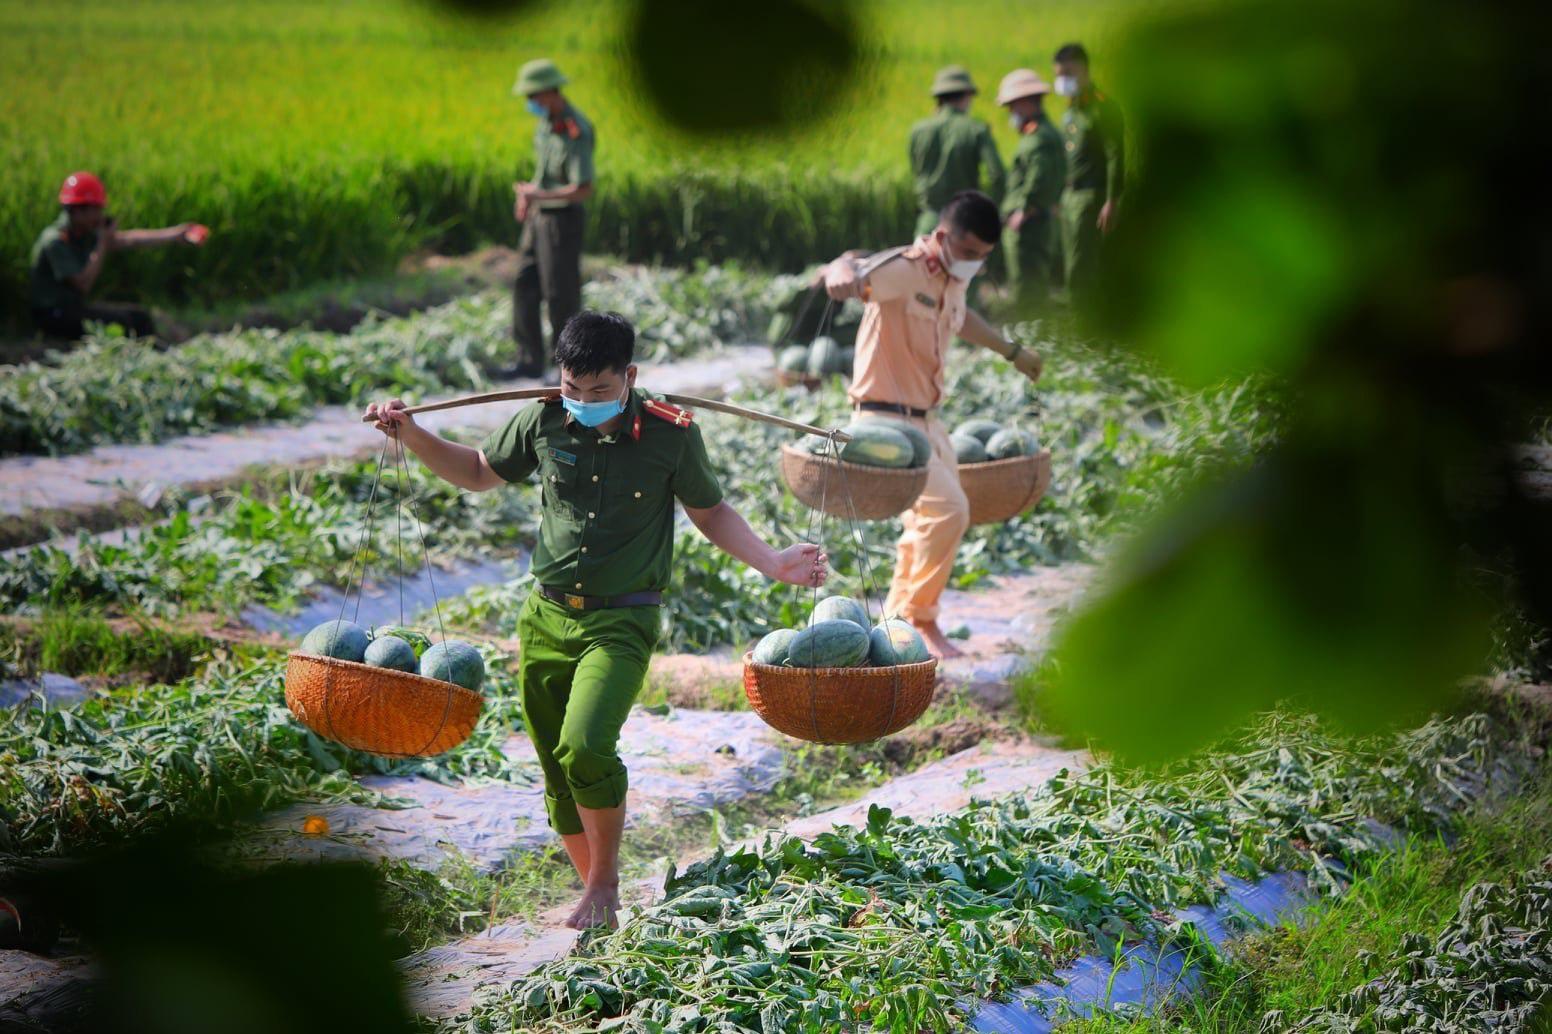 """Những khoảnh khắc """"vượt nắng, thắng mưa"""" của Công an Bắc Giang thời dịch - Ảnh 10."""